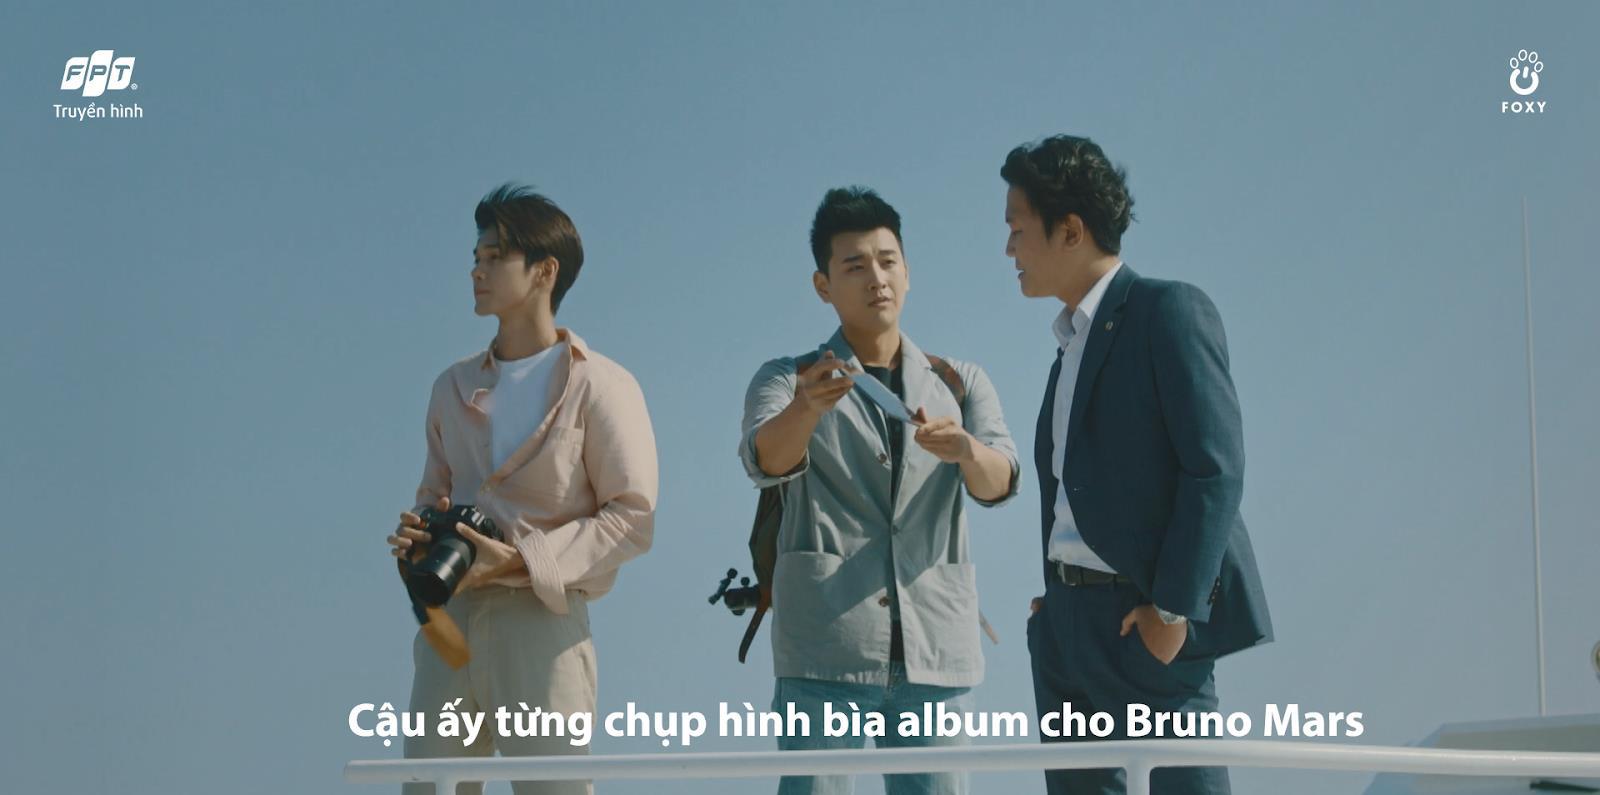 Những bí mật của trai đẹp Ong Seong Woo trong Hơn Cả Tình Bạn - Ảnh 6.